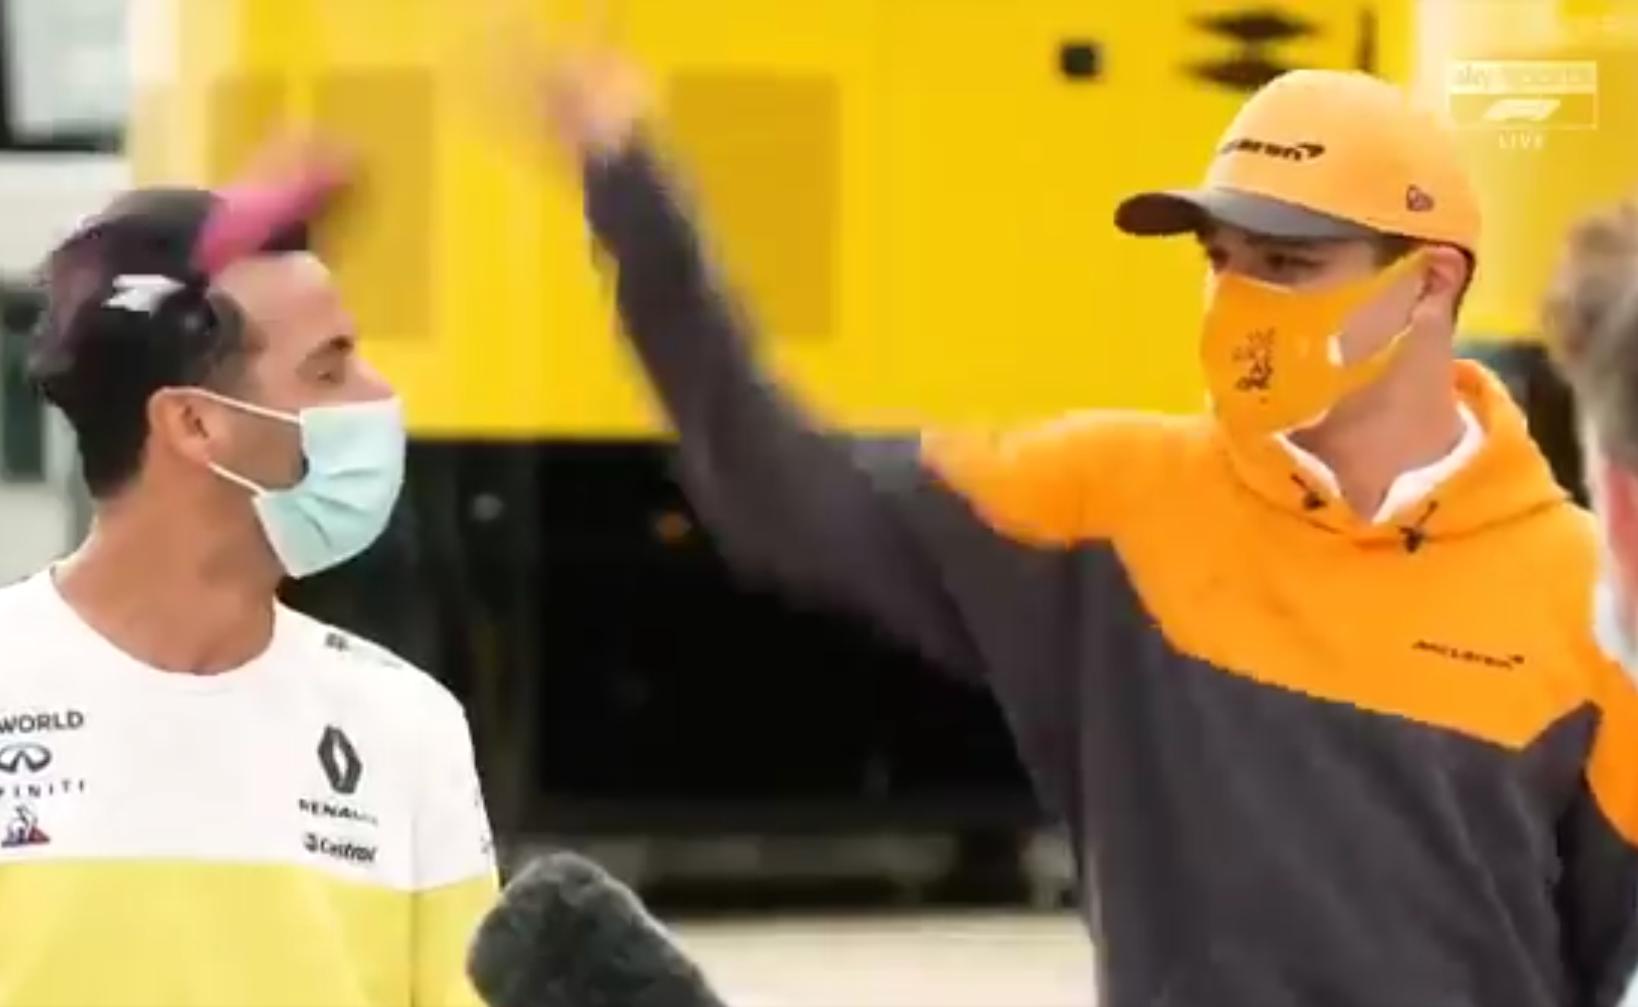 VIDEO: Lando Norris Flips Daniel Ricciardo's Cap During Interview